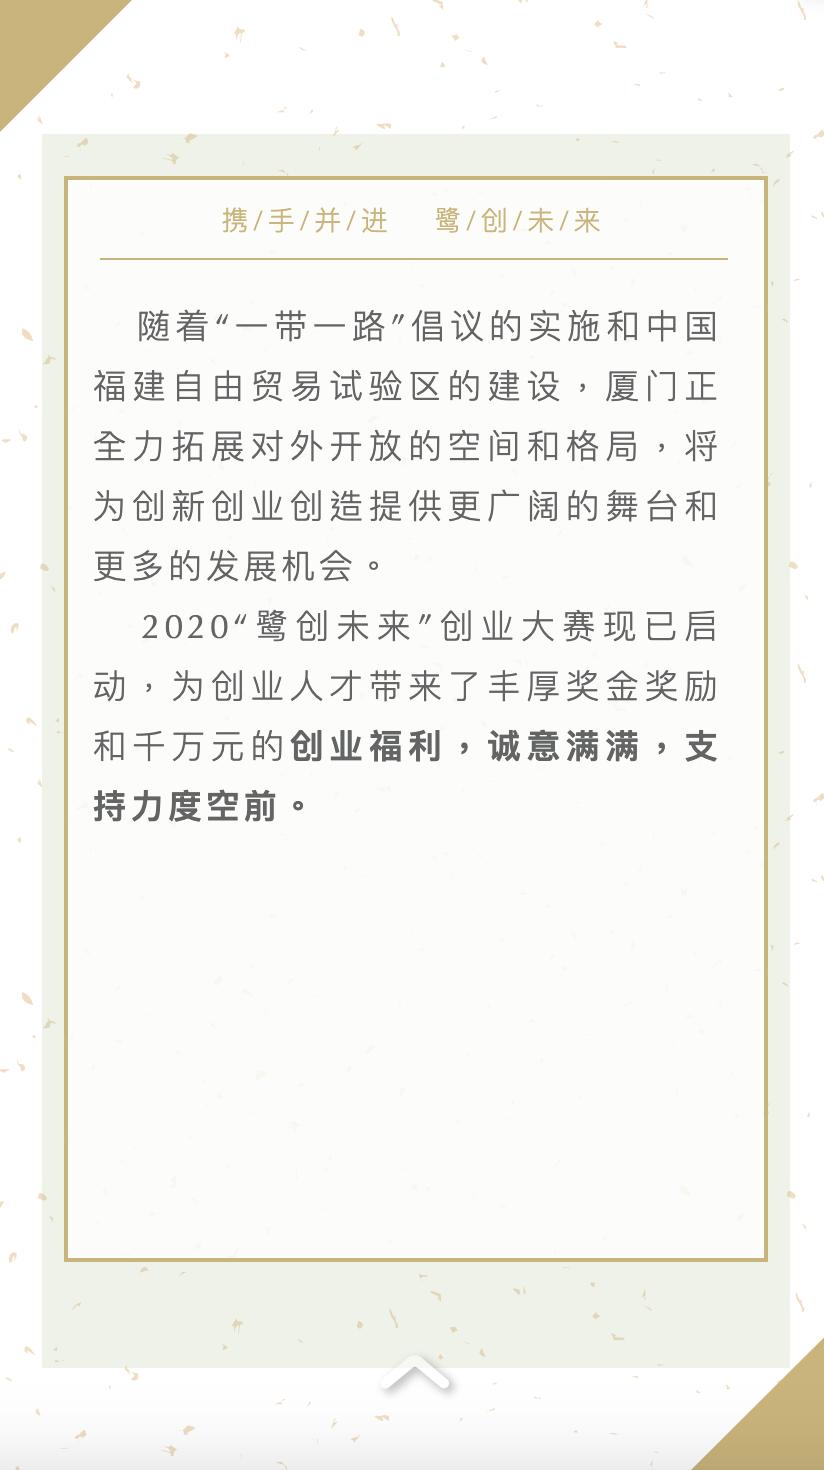 """【鹭创大赛】冠军10000英镑大奖等你拿---- 2020""""鹭创未来""""创业大赛启动,报名开始!"""